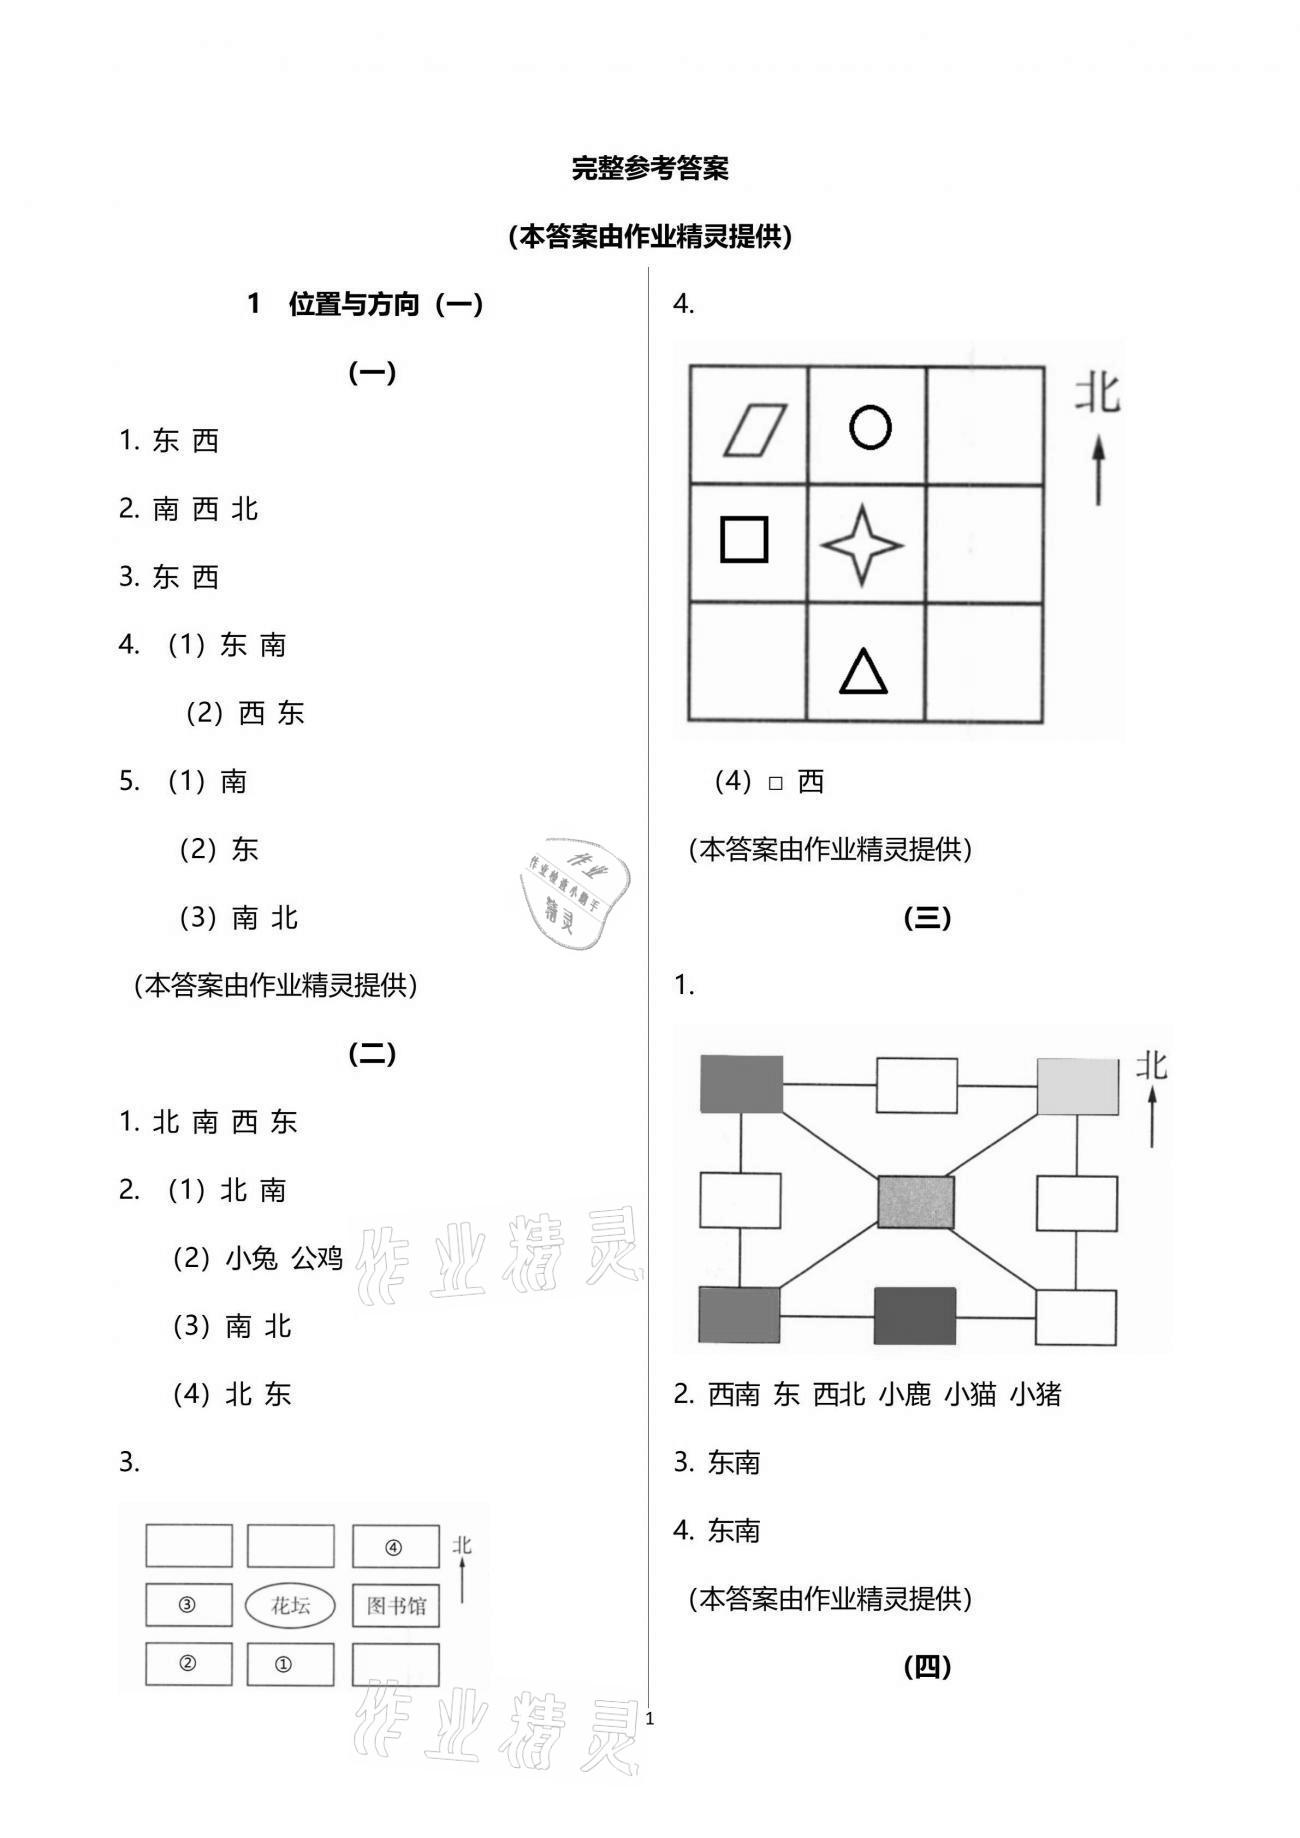 2021年数学作业本三年级下册人教版浙江教育出版社参考答案第1页